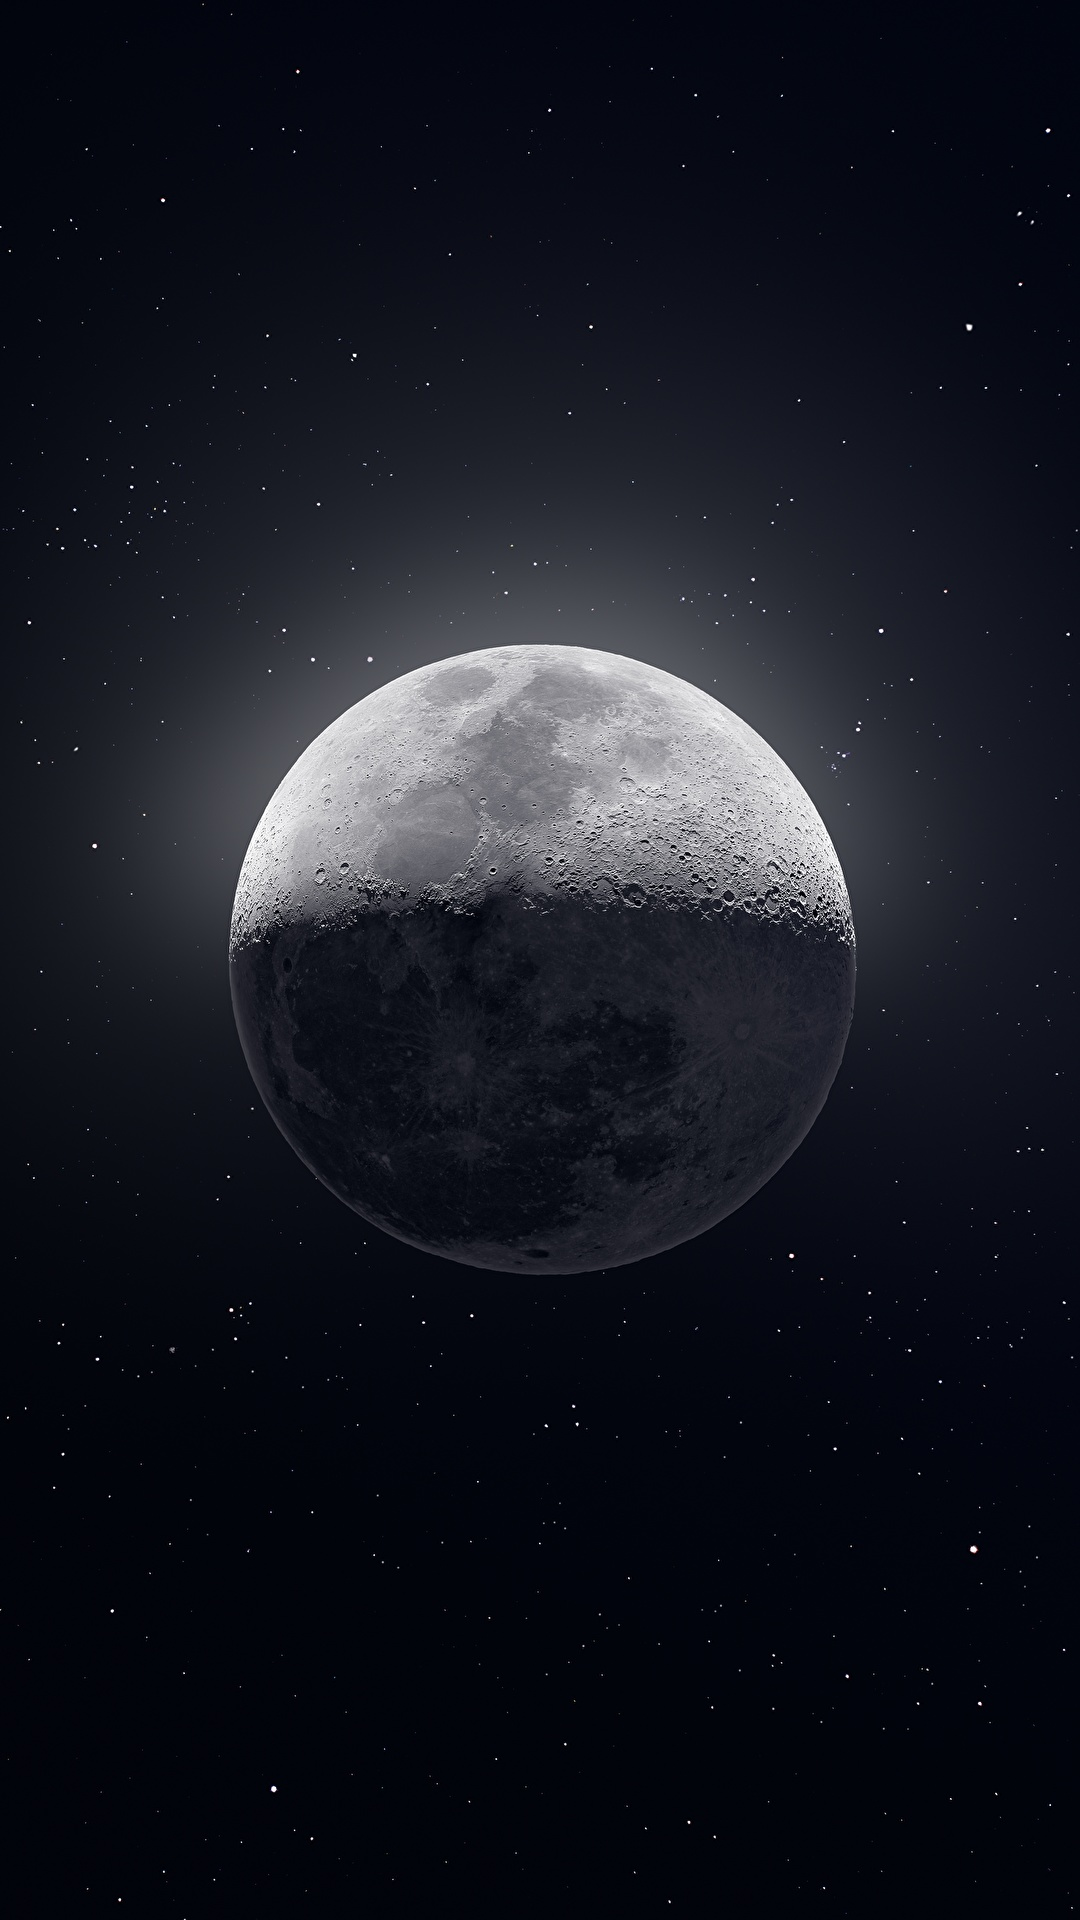 壁紙 1080x19 クローズアップ 月 宇宙空間 ダウンロード 写真